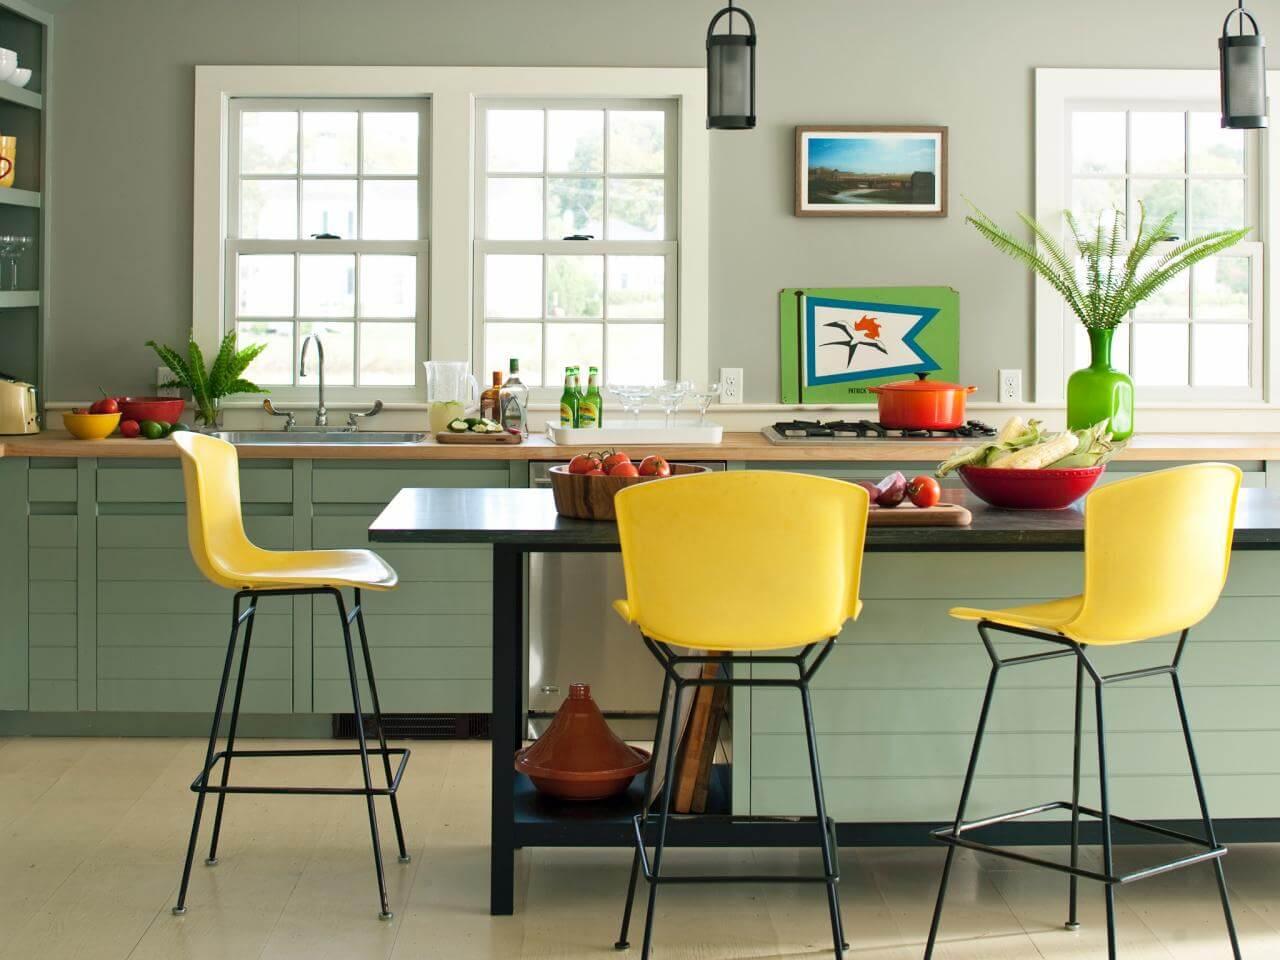 Briliant-blue-kitchen-colors-Q1hS2 (1)